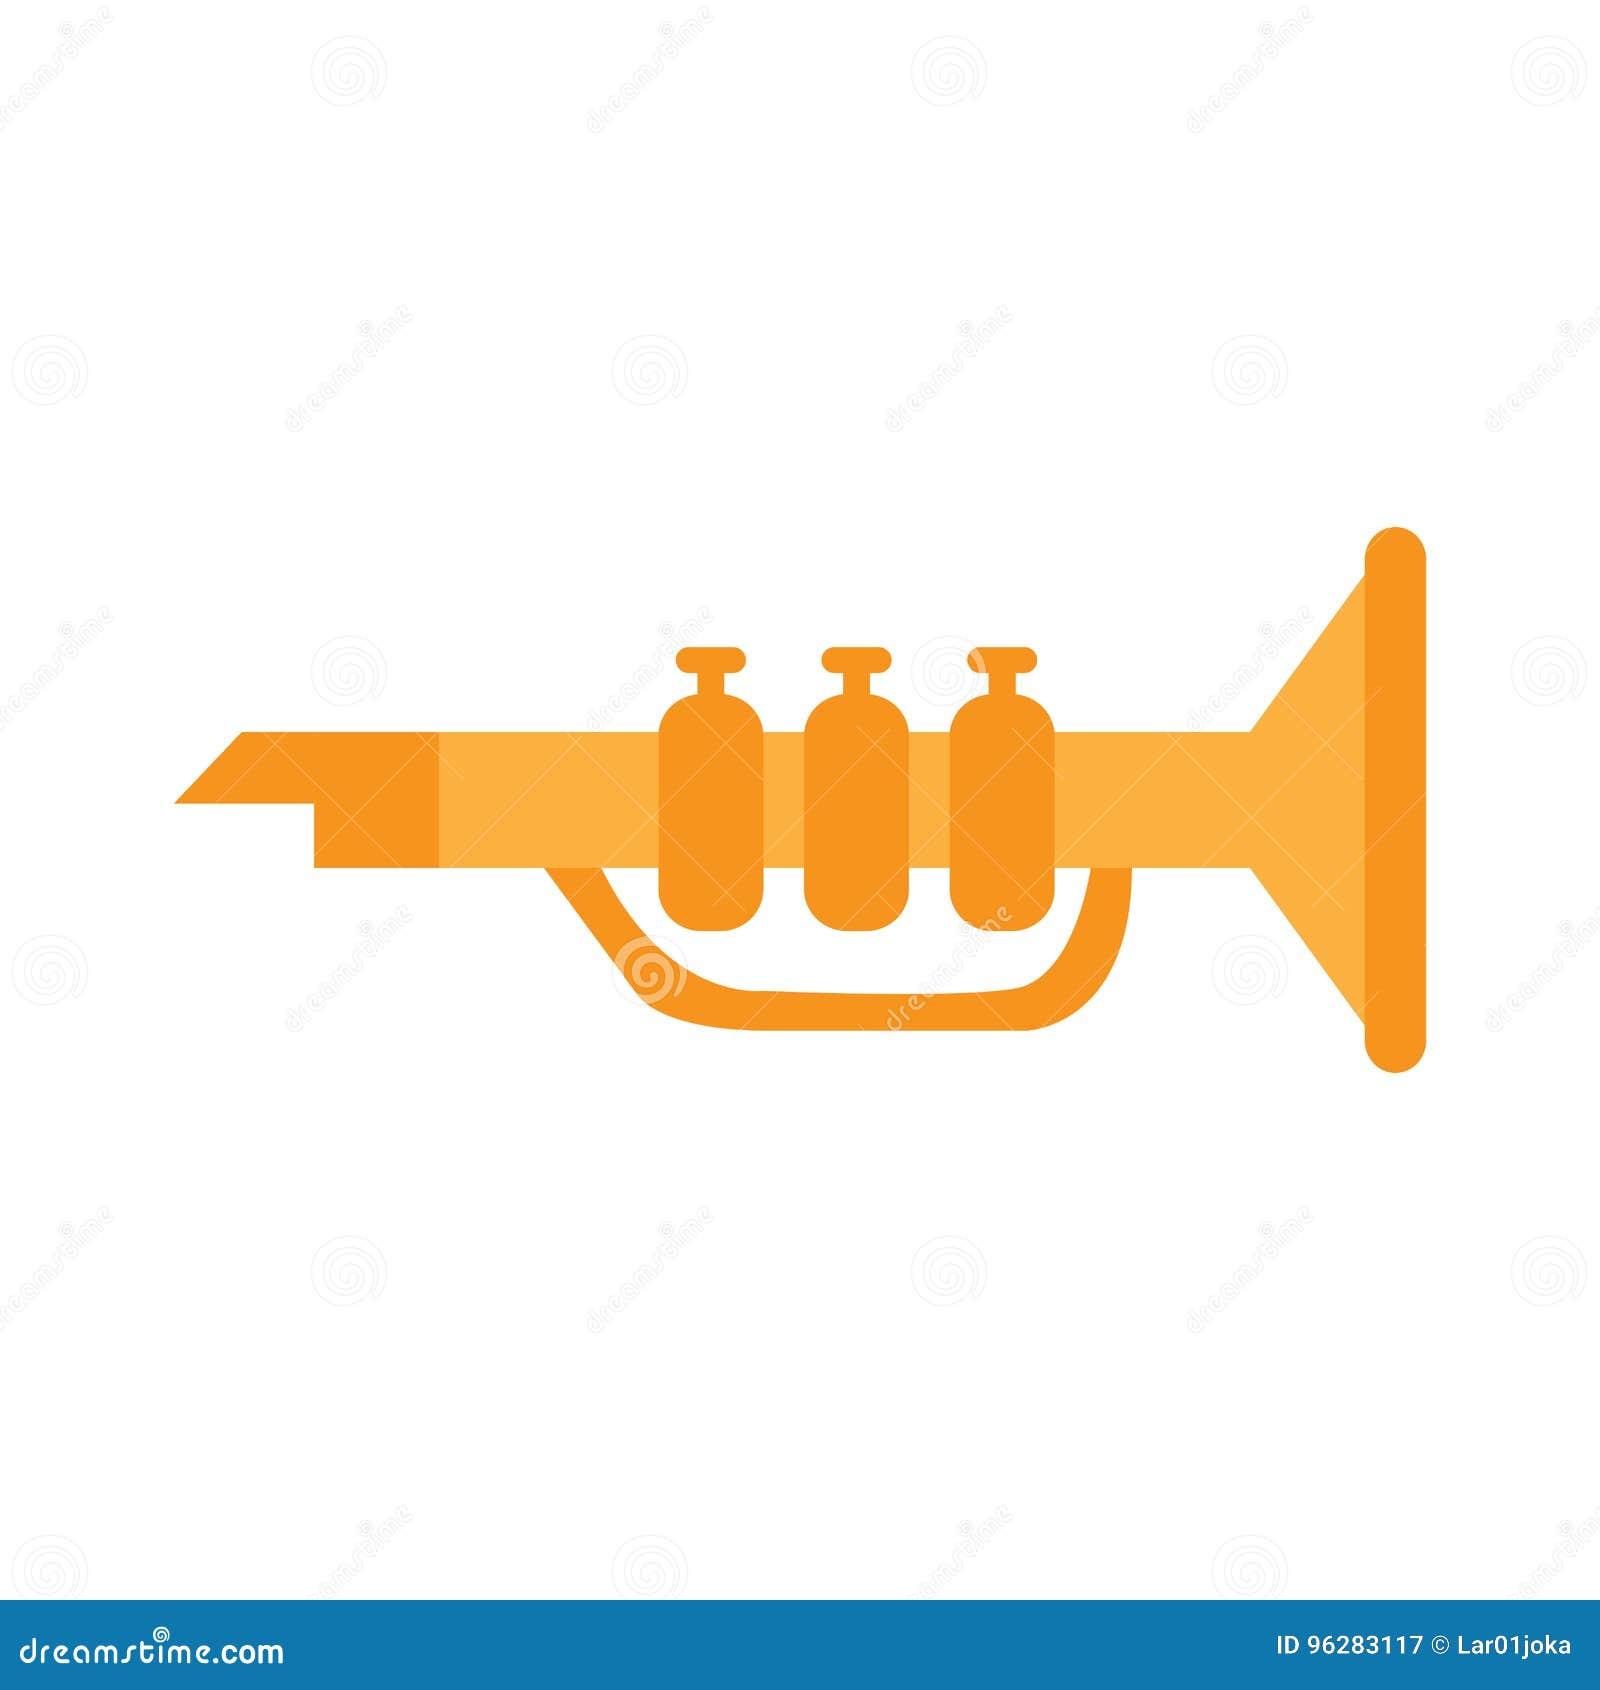 trumpet toy